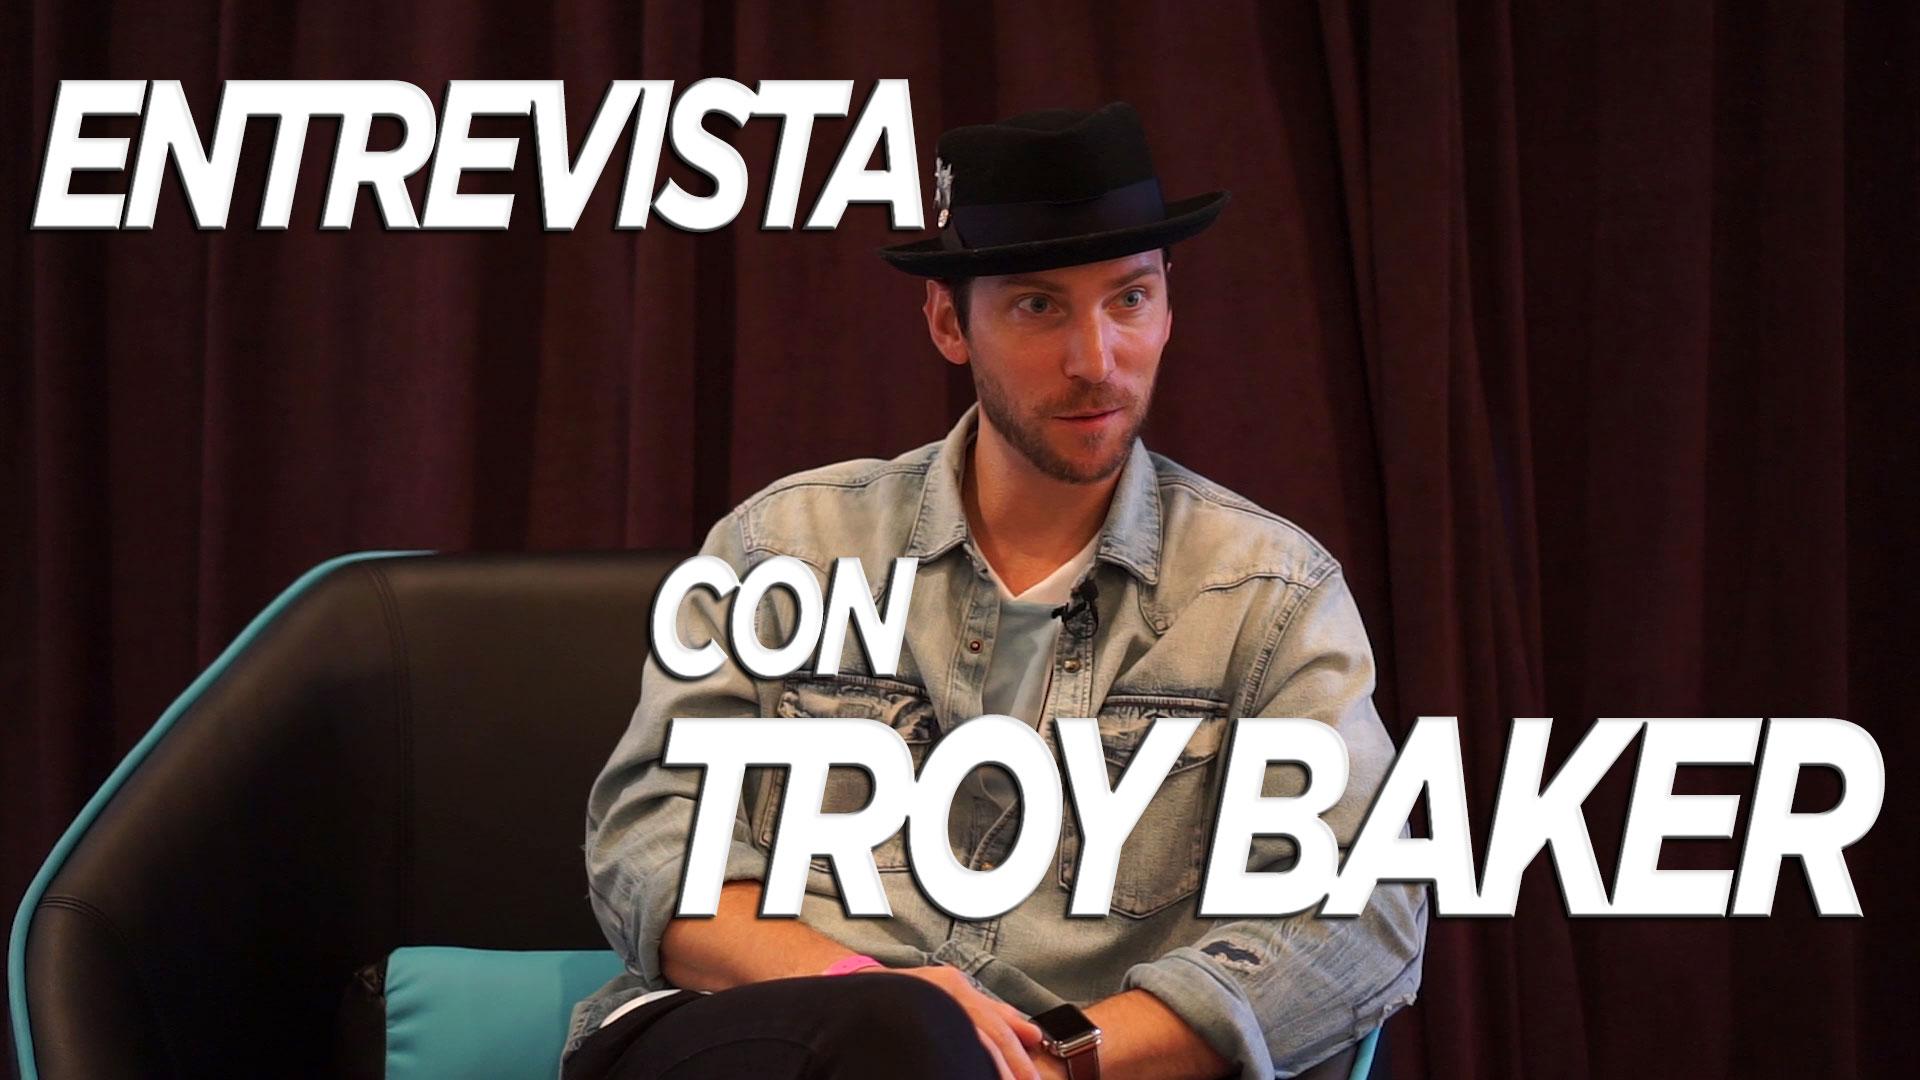 troy baker entrevista